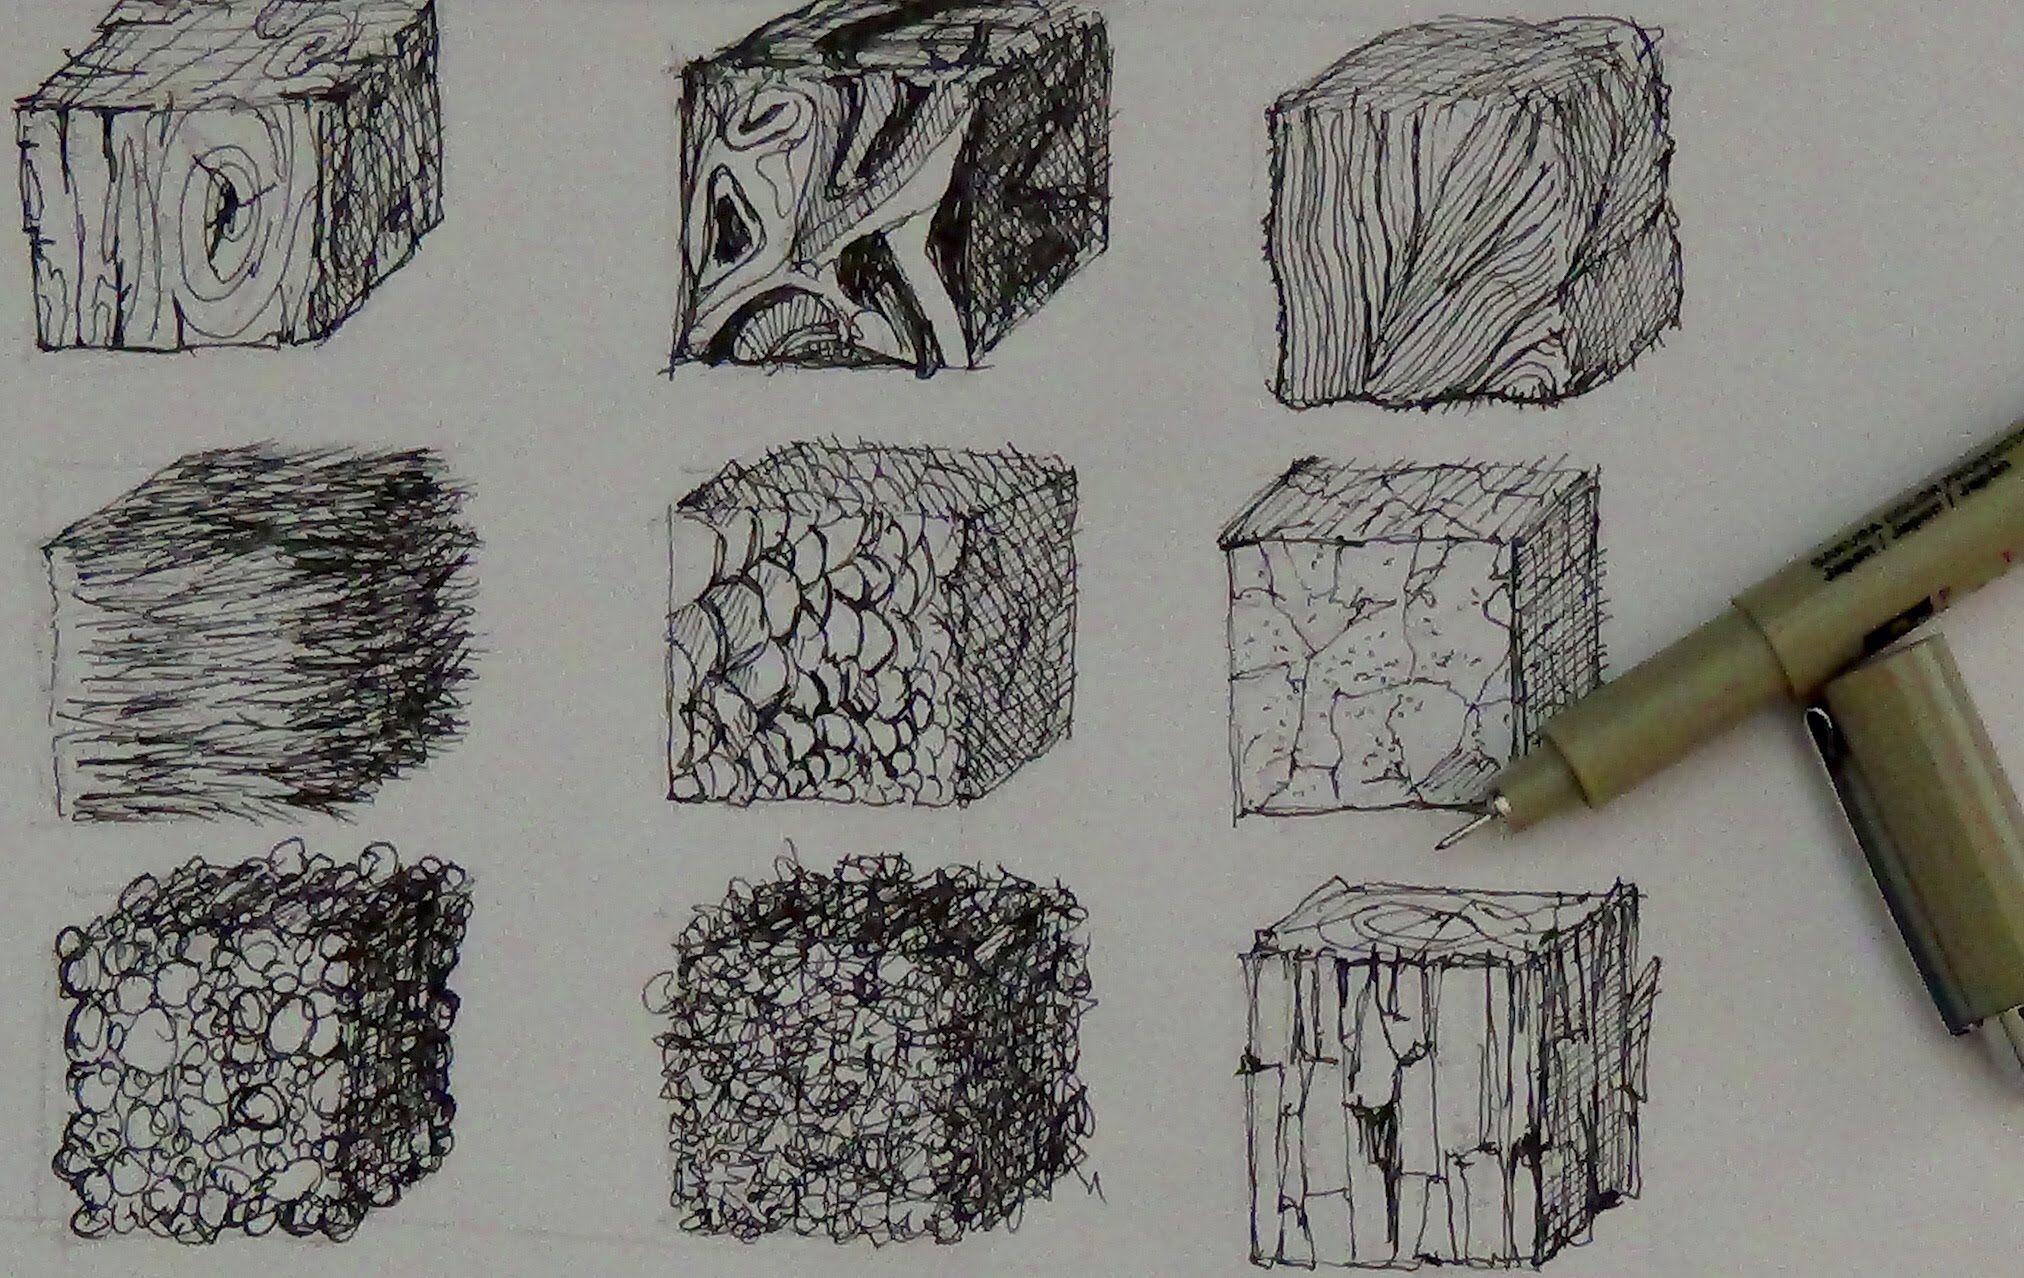 Фактура картинки карандашом